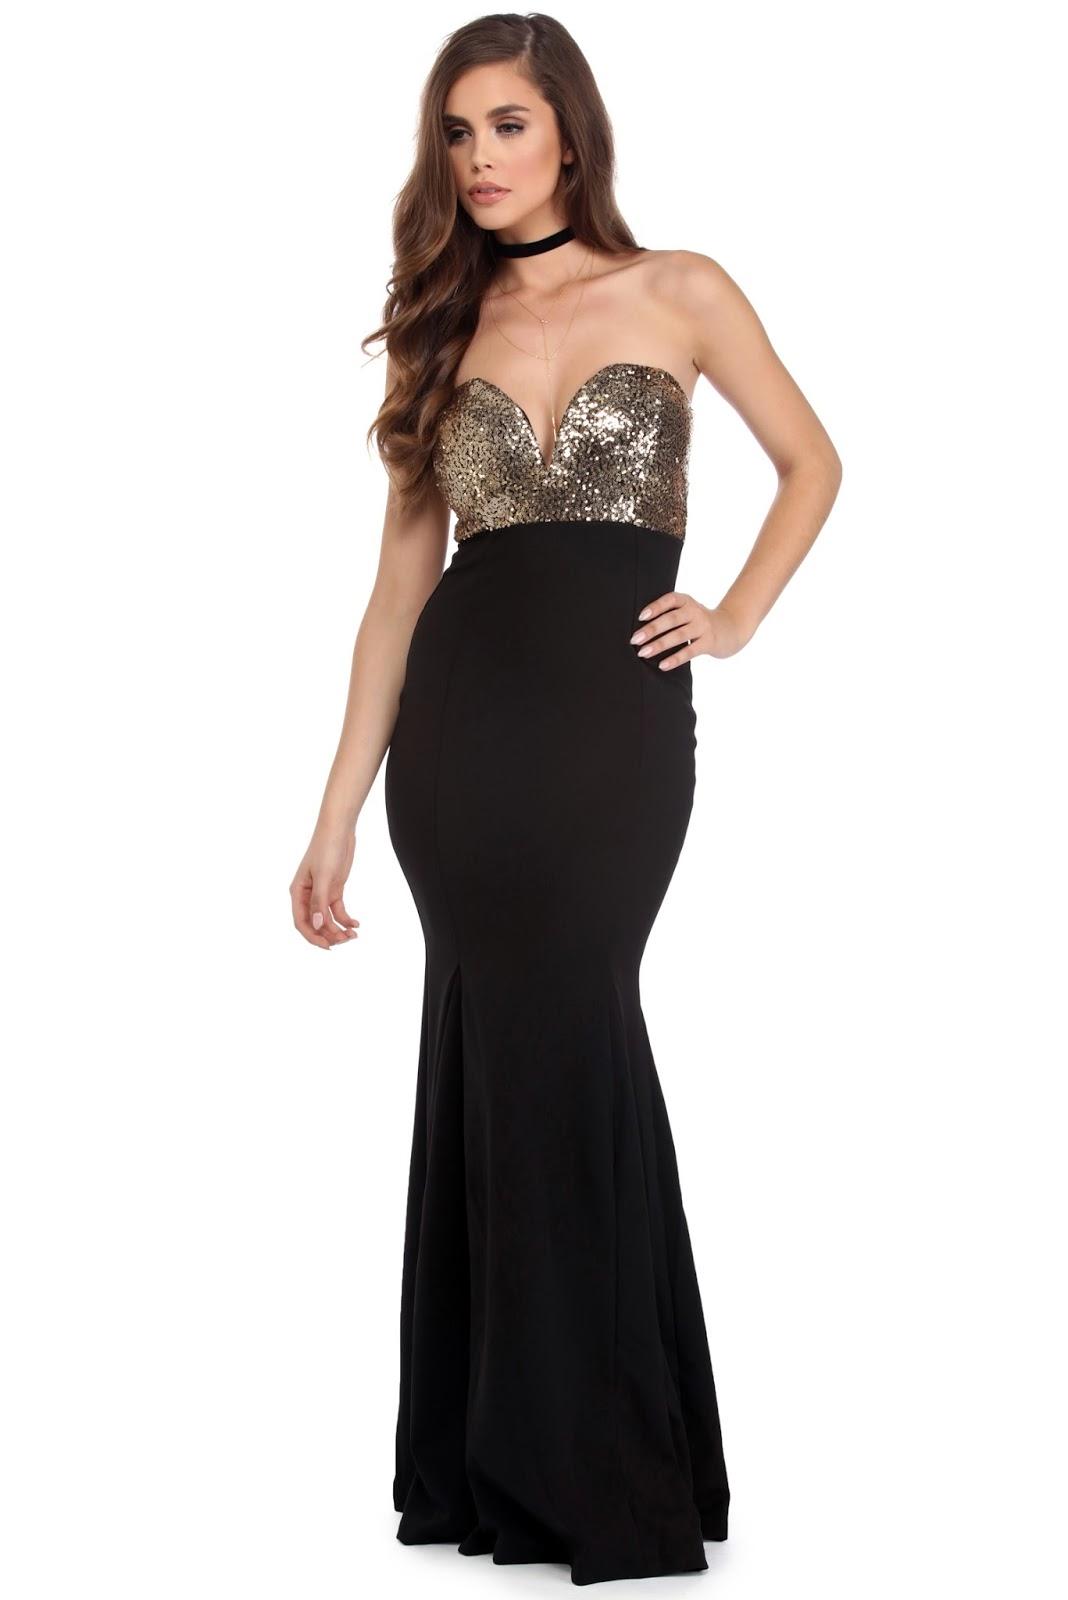 Vestidos de Gala. 9, likes · 83 talking about this. Estamos a tu servicio si necesitas alquilar un vestido de fiesta. ¡Para todos los gustos y /5(2).